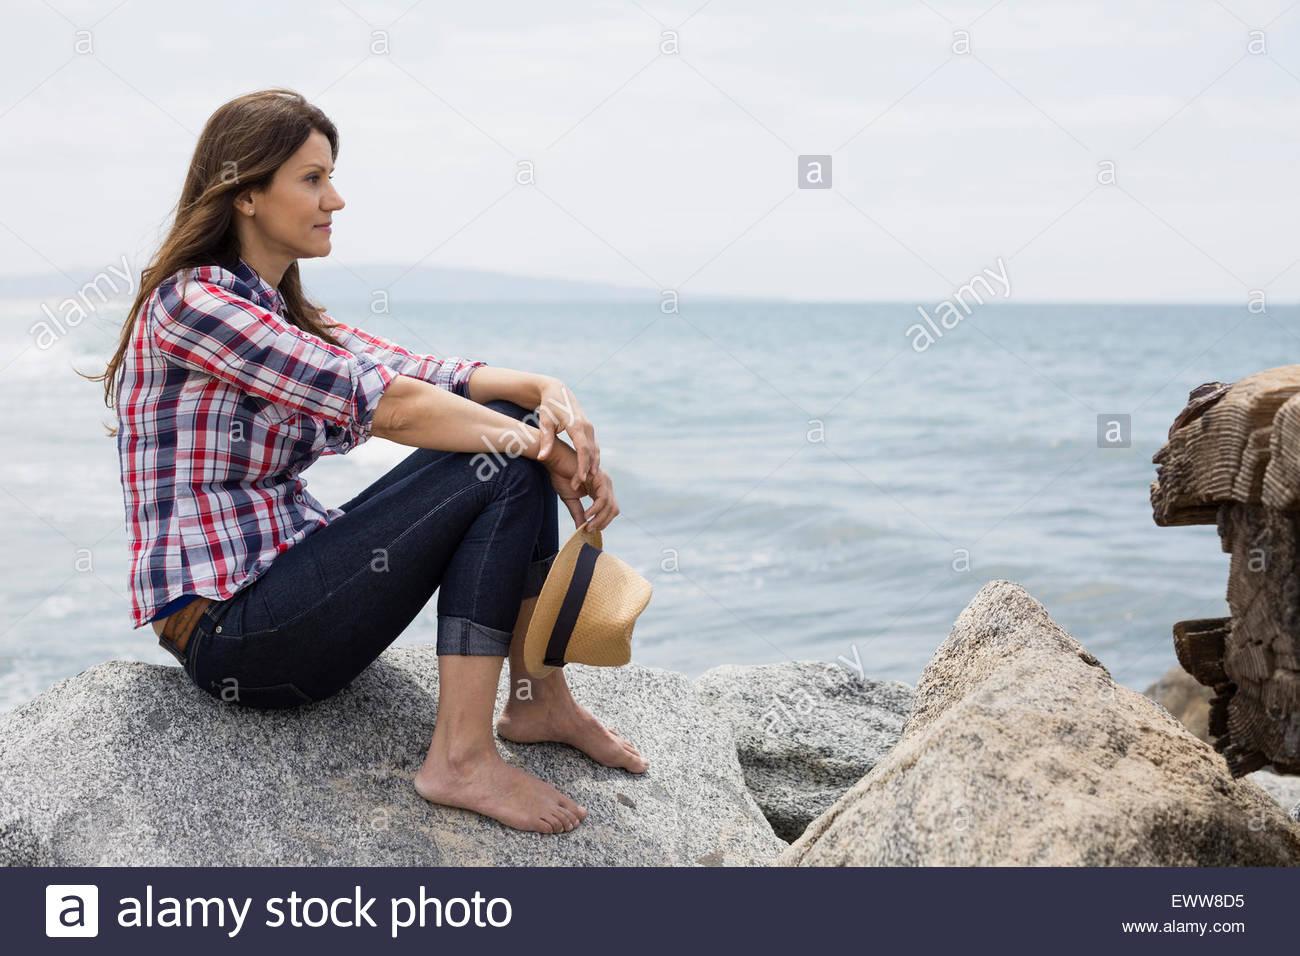 Pensieroso a piedi nudi donna seduta sulle rocce a ocean Immagini Stock